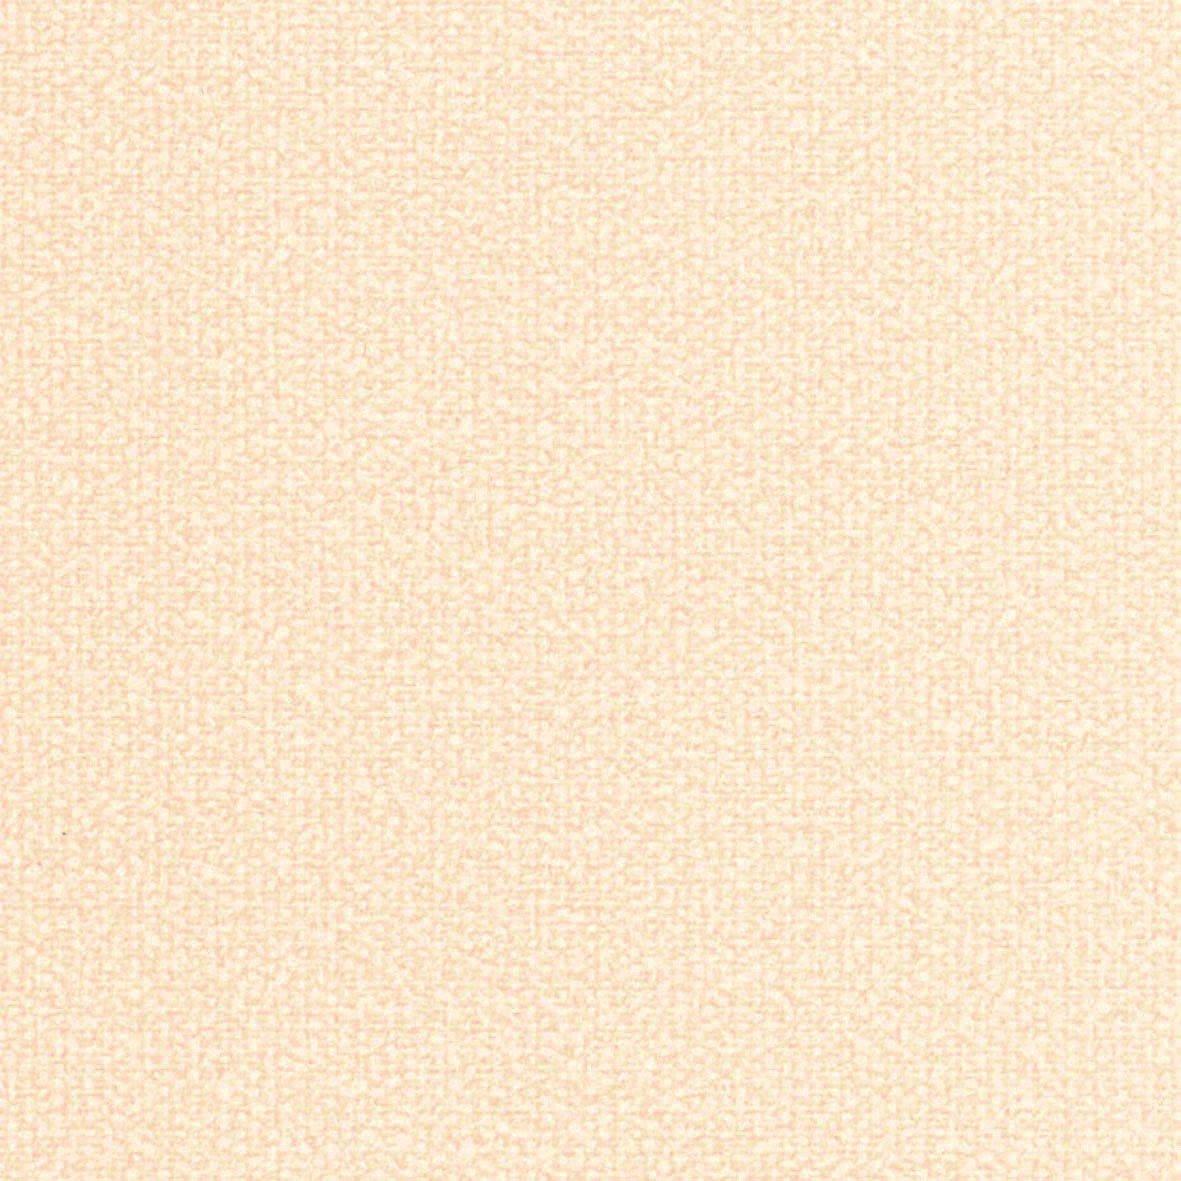 リリカラ 壁紙50m ナチュラル 織物調 ベージュ LL-8182 B01MQFIBNJ 50m ベージュ1